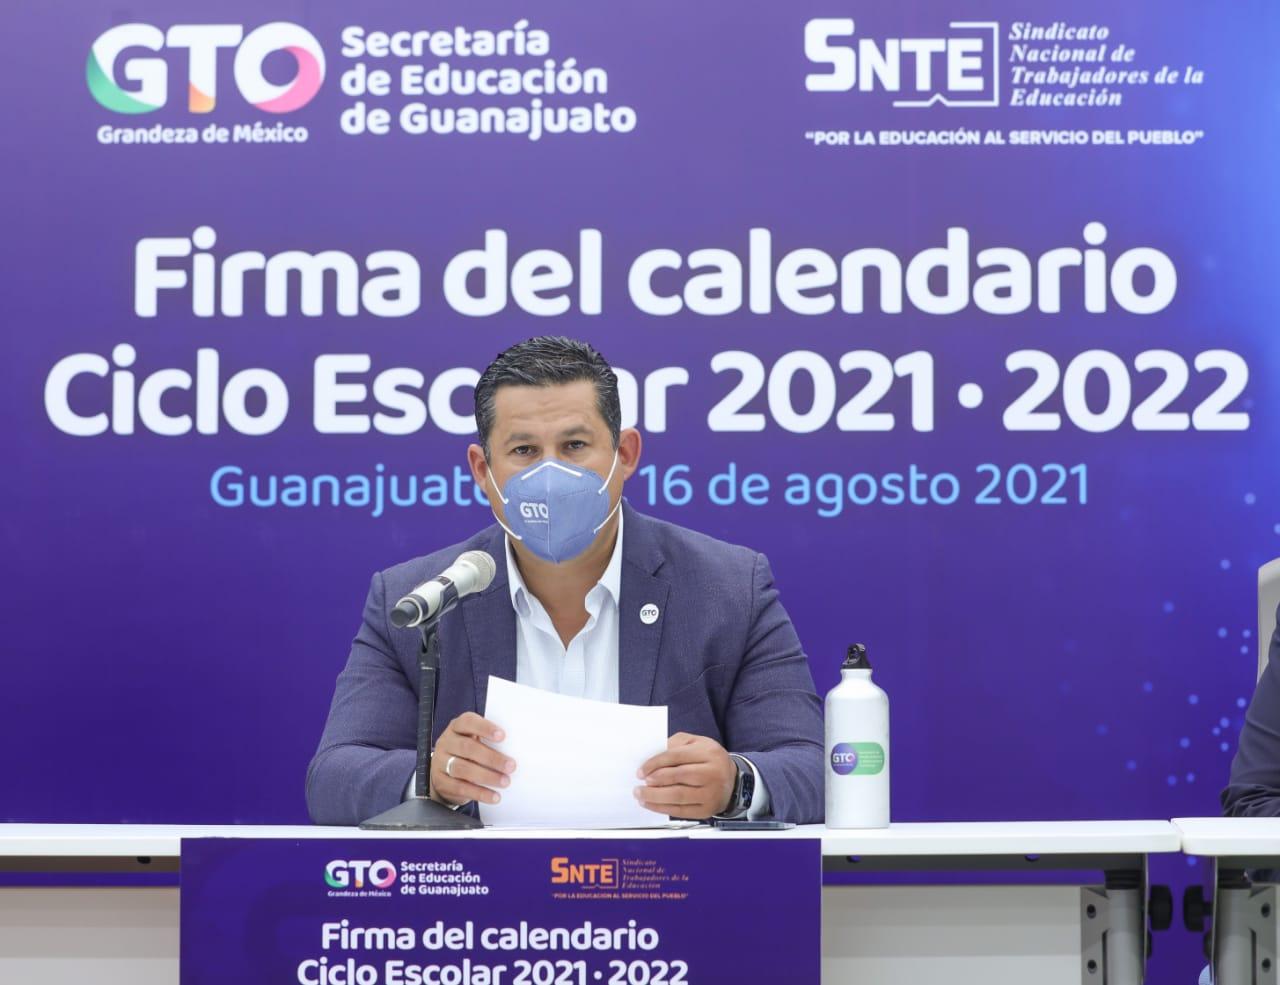 Presenta Gobernador de Guanajuato el Calendario Escolar para el Ciclo 2021-2022 1